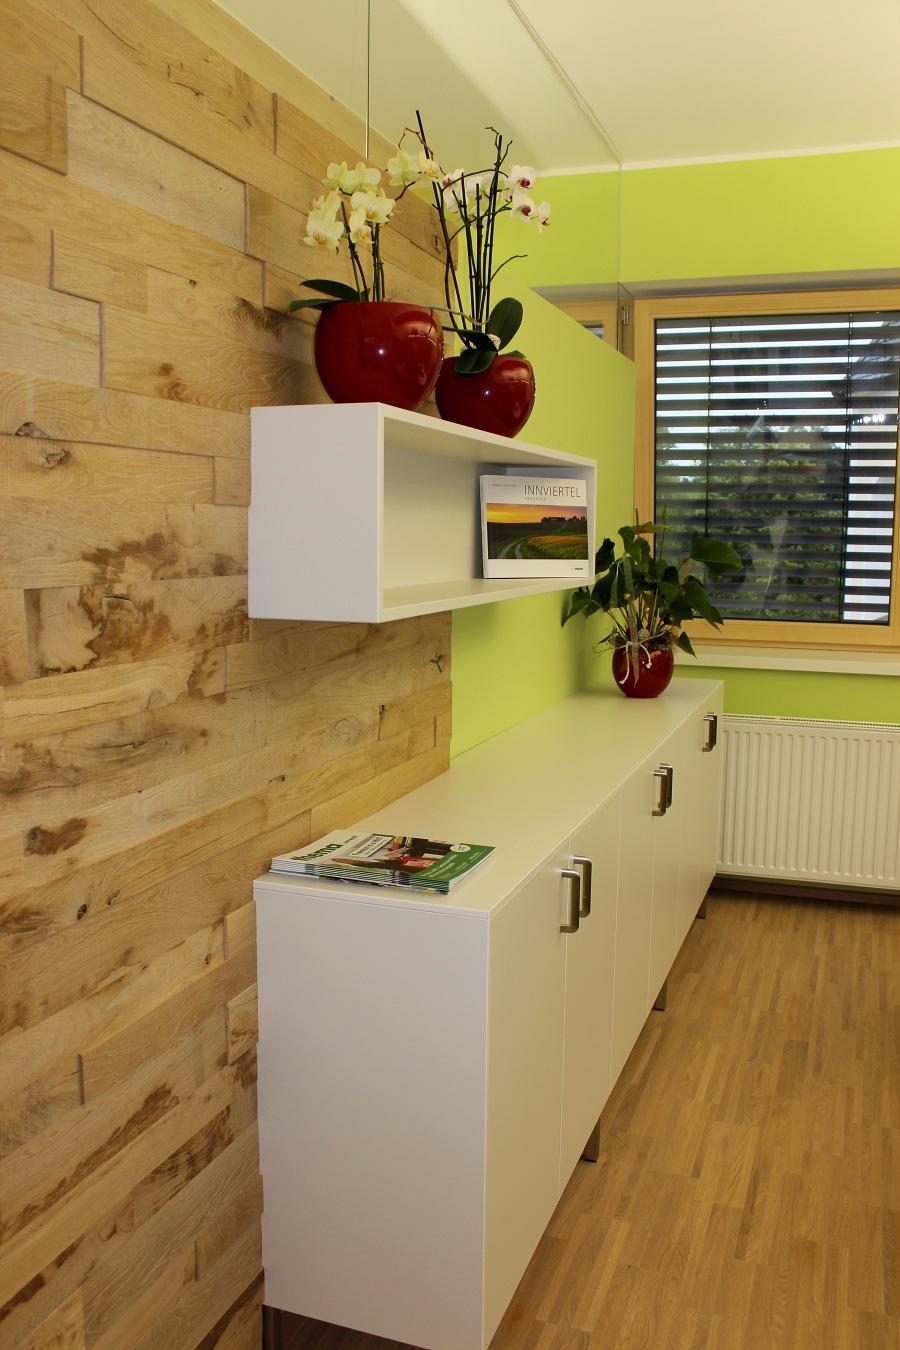 Holz Wandverkleidung Eiche Im Wohnzimmer Halbe Wand